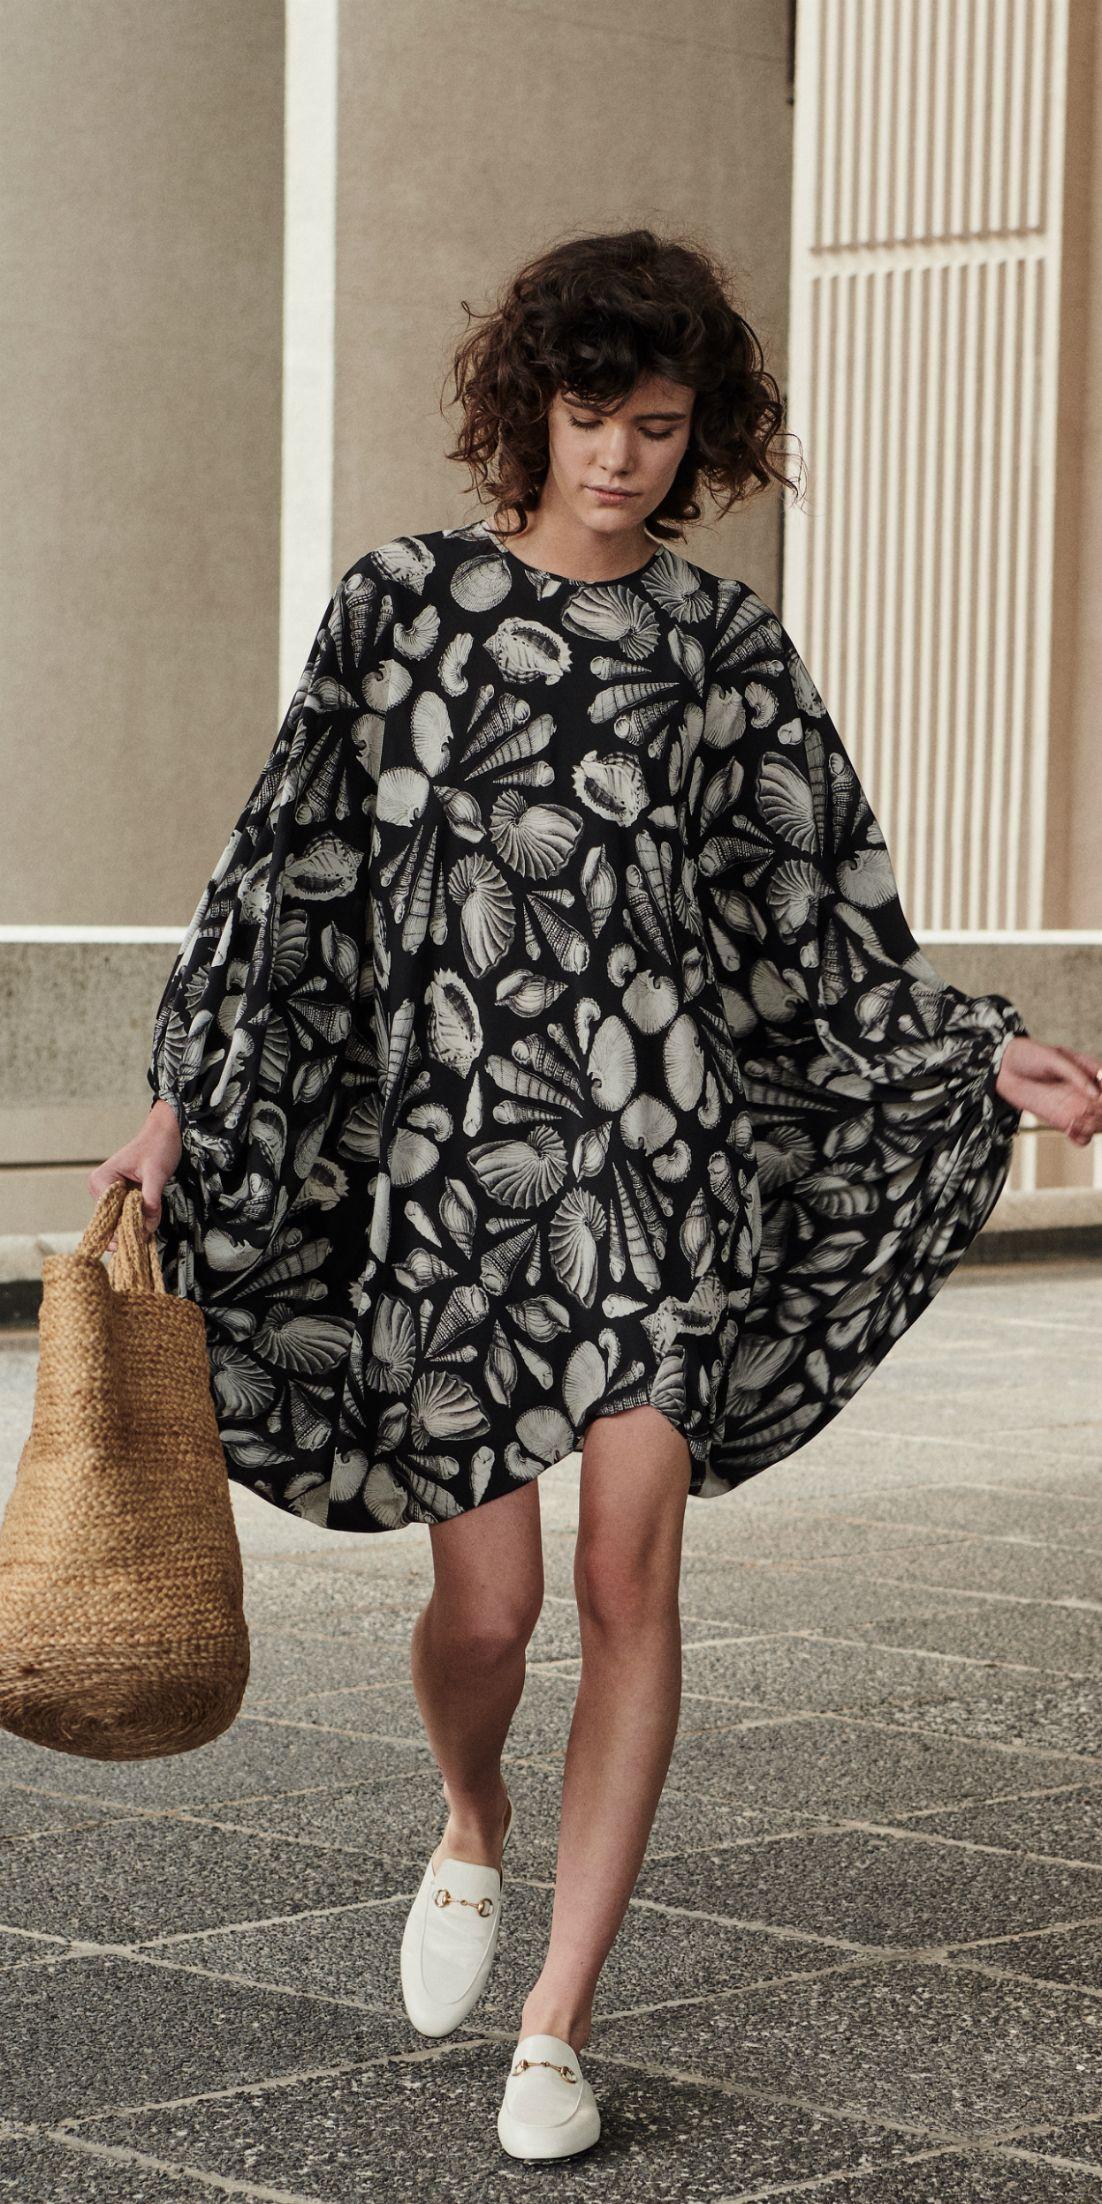 ALEXANDER McQUEEN Kleid  Fashion pictures, Alexander mcqueen, Fashion